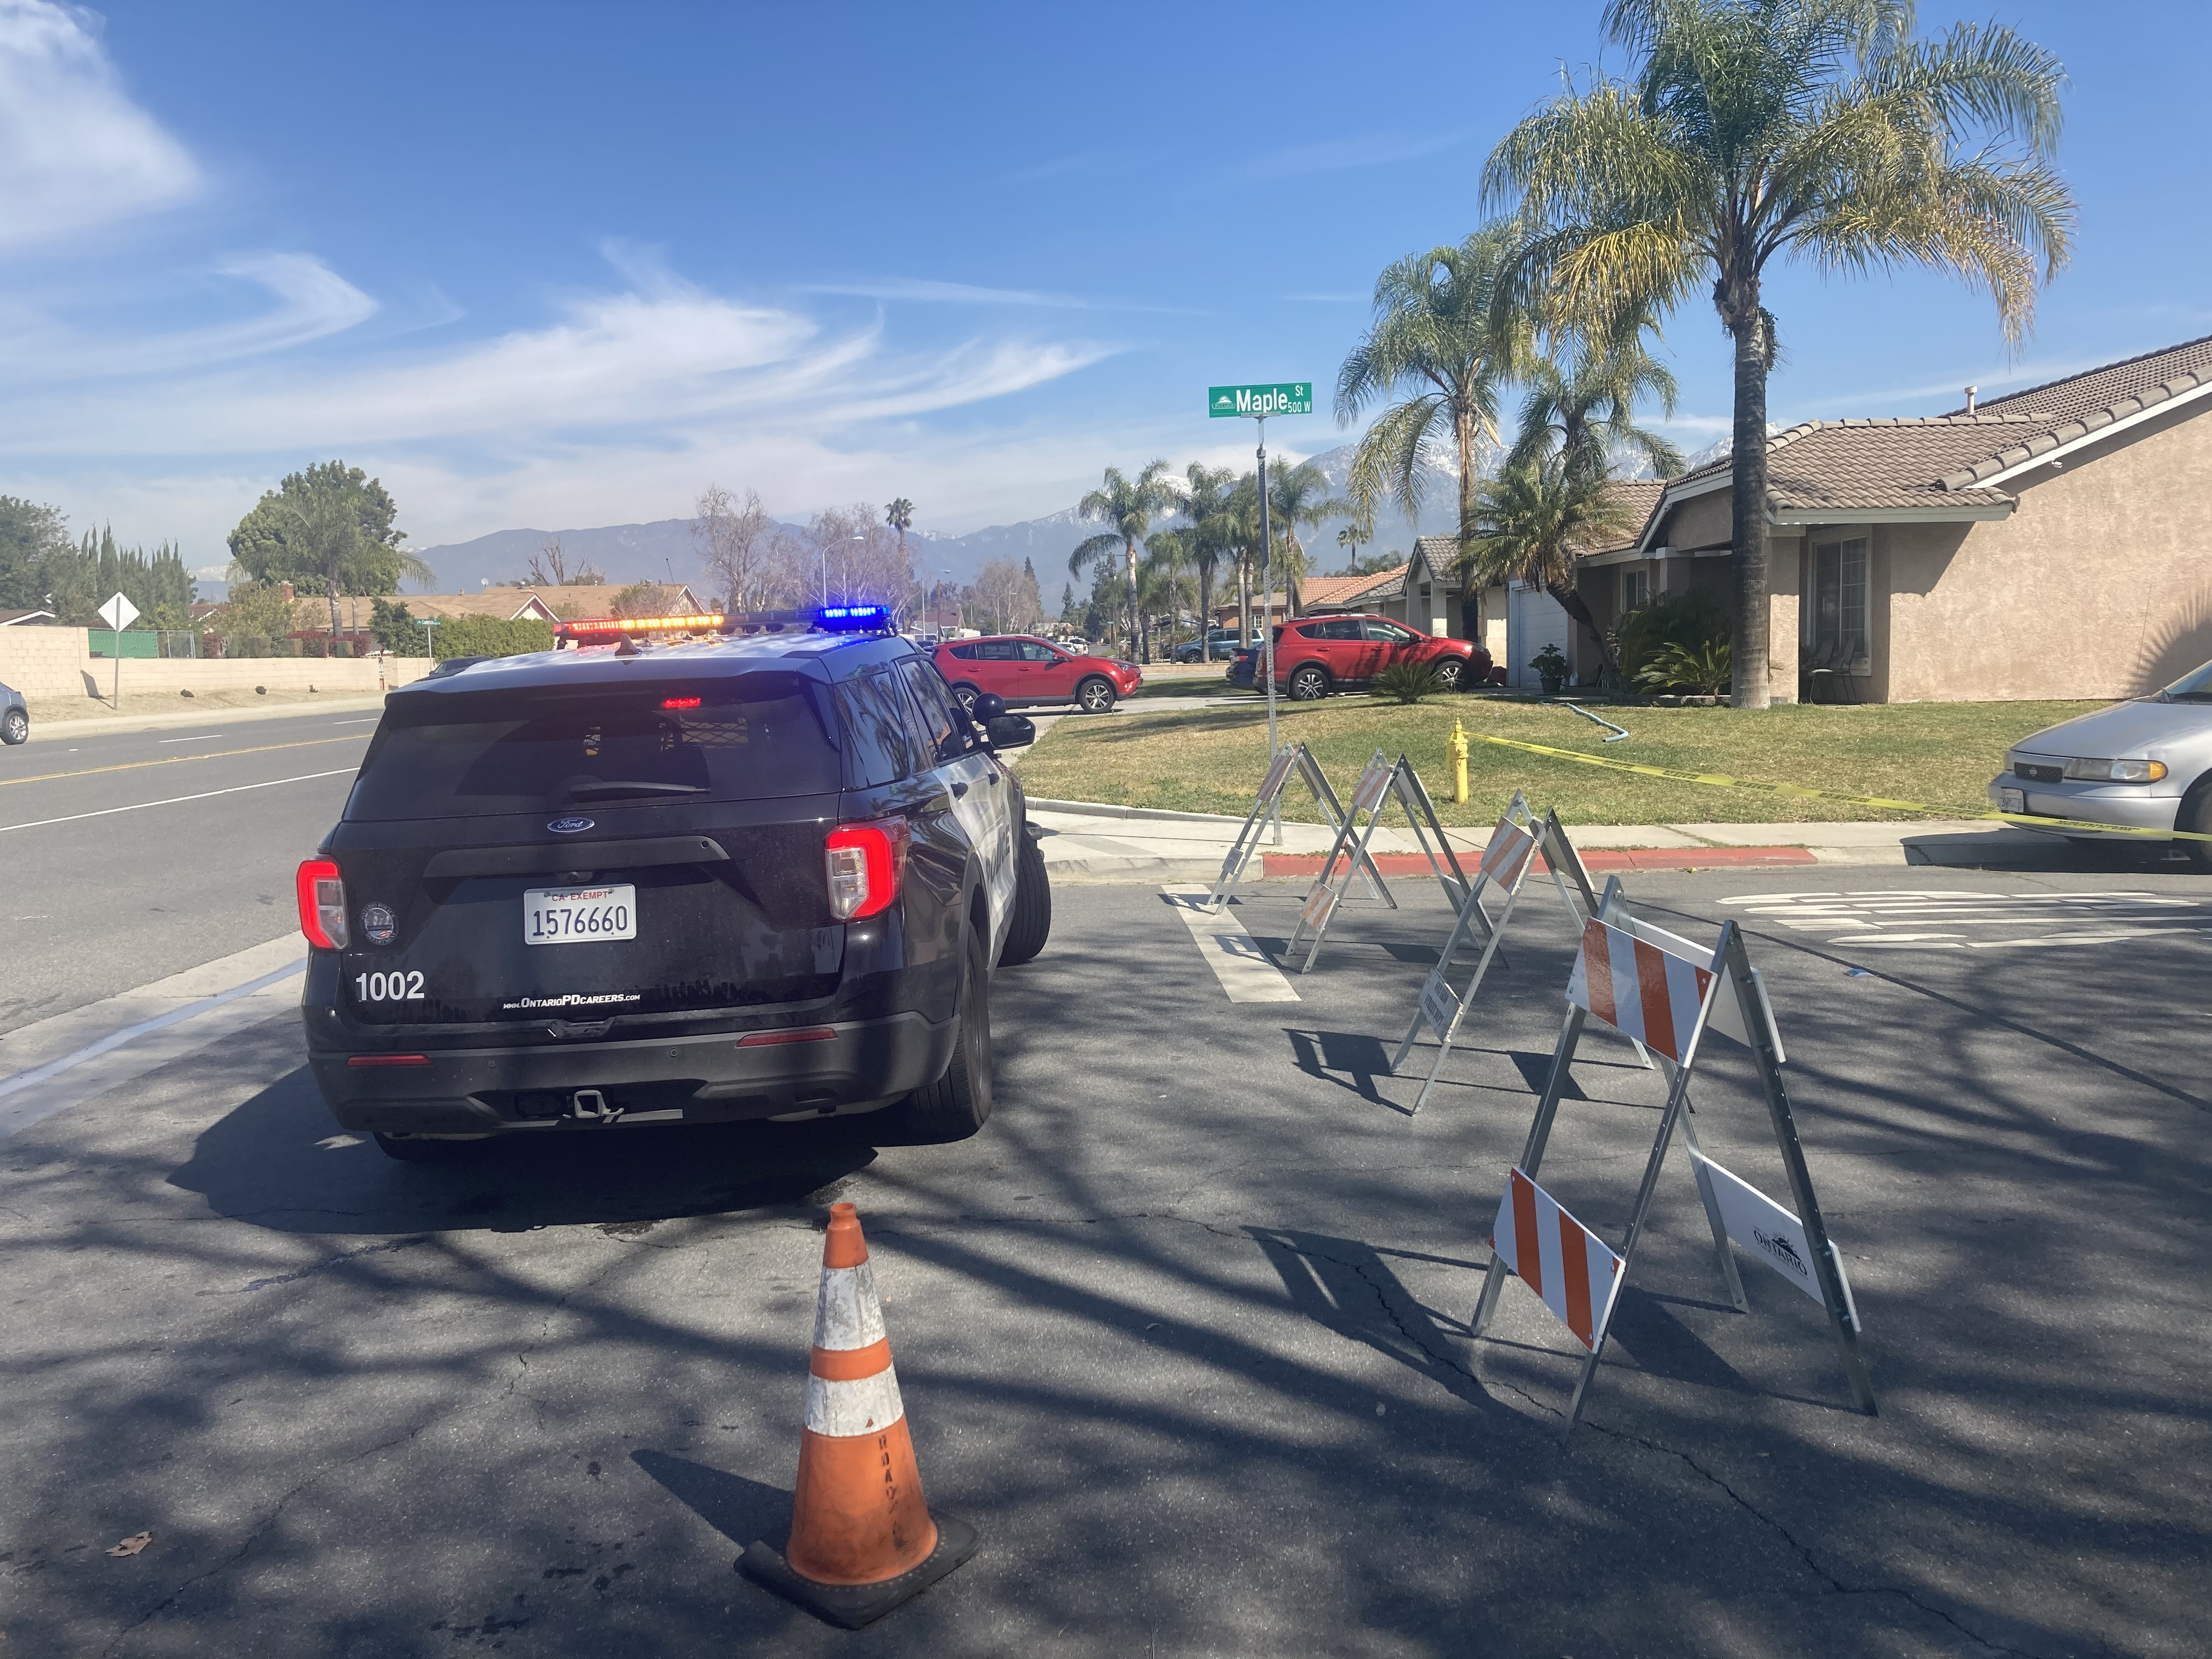 家屬稱爆炸案失蹤2人已罹難 警方尚未證實